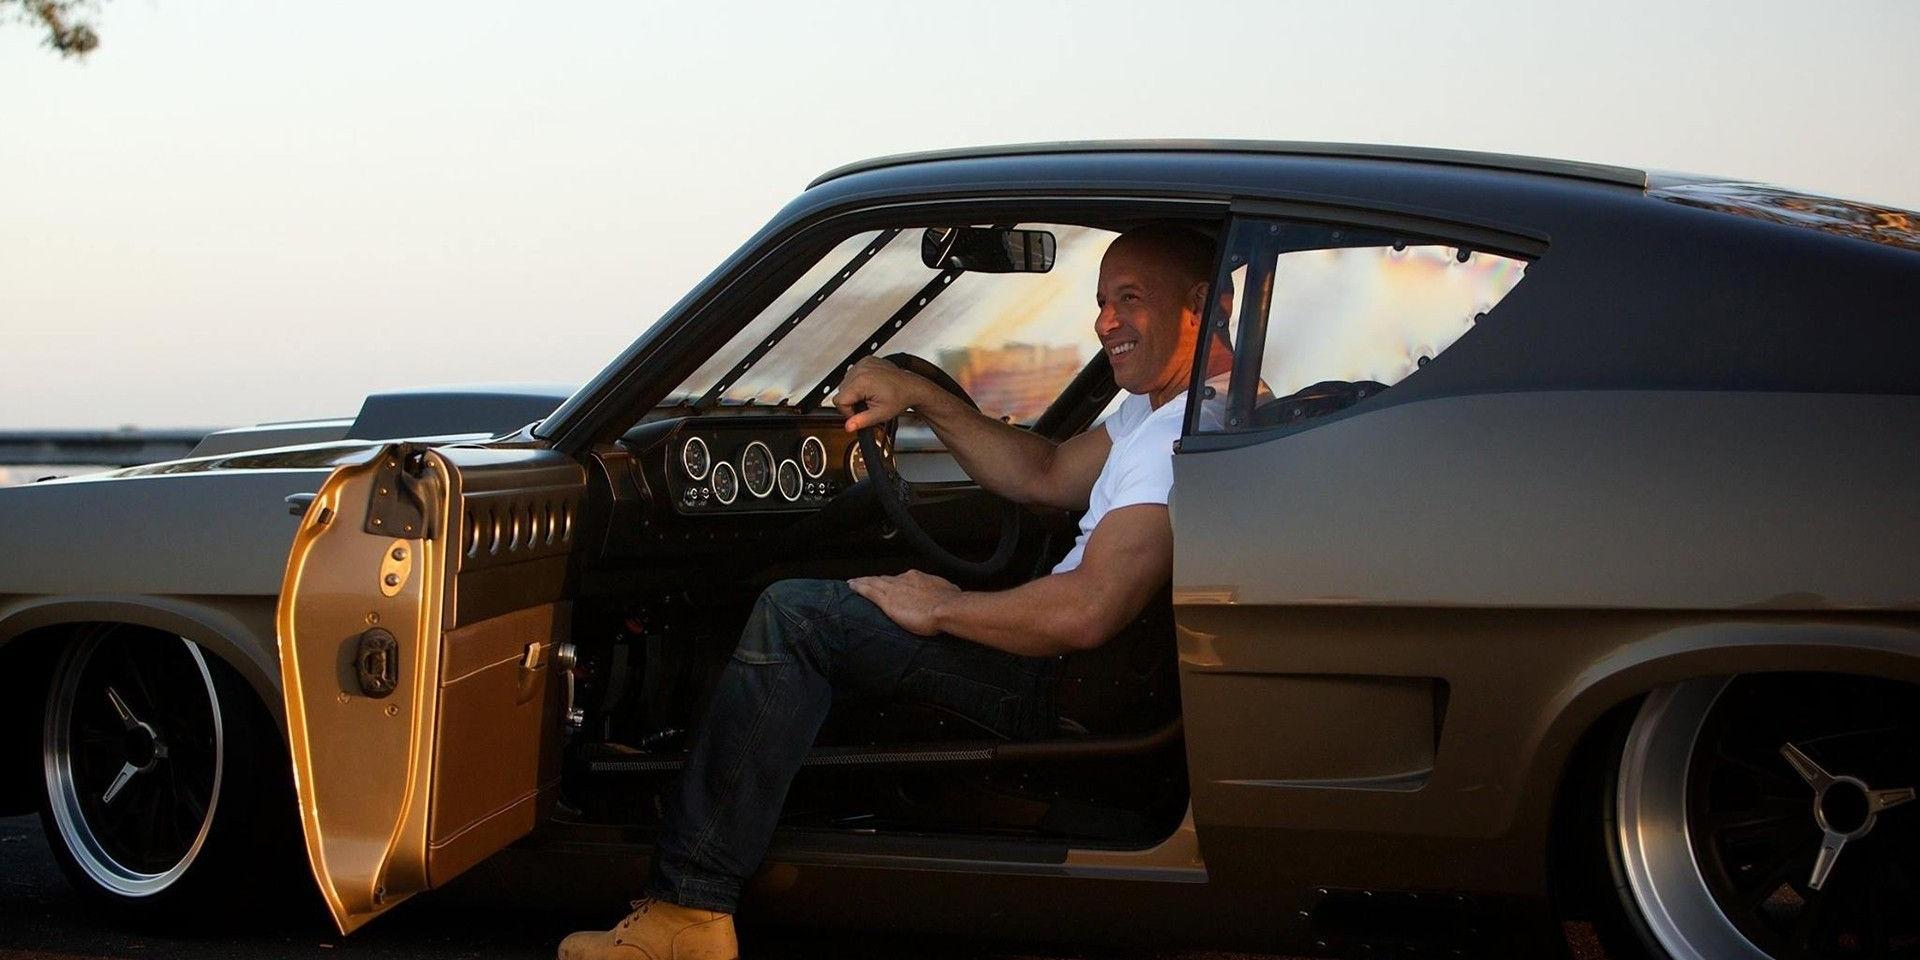 沒有一台車想碰到他!Vin Diesel撞爛了61輛車!